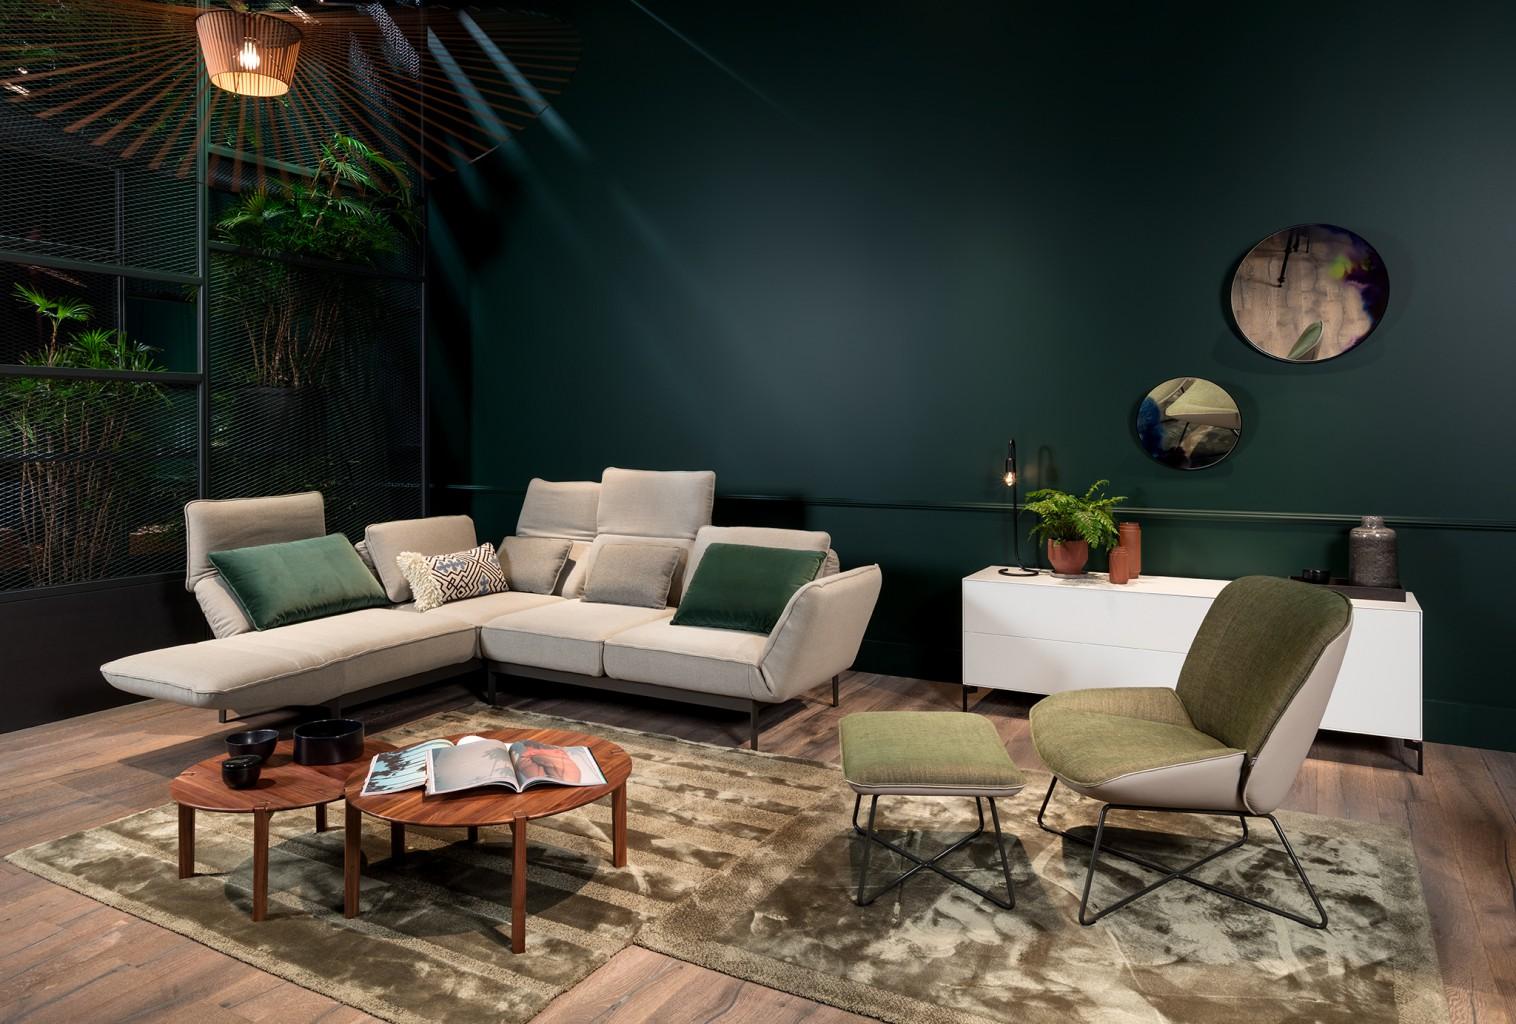 agenzia cherubini rappresentanze mobili e arredo per il veneto agenzia cherubini. Black Bedroom Furniture Sets. Home Design Ideas